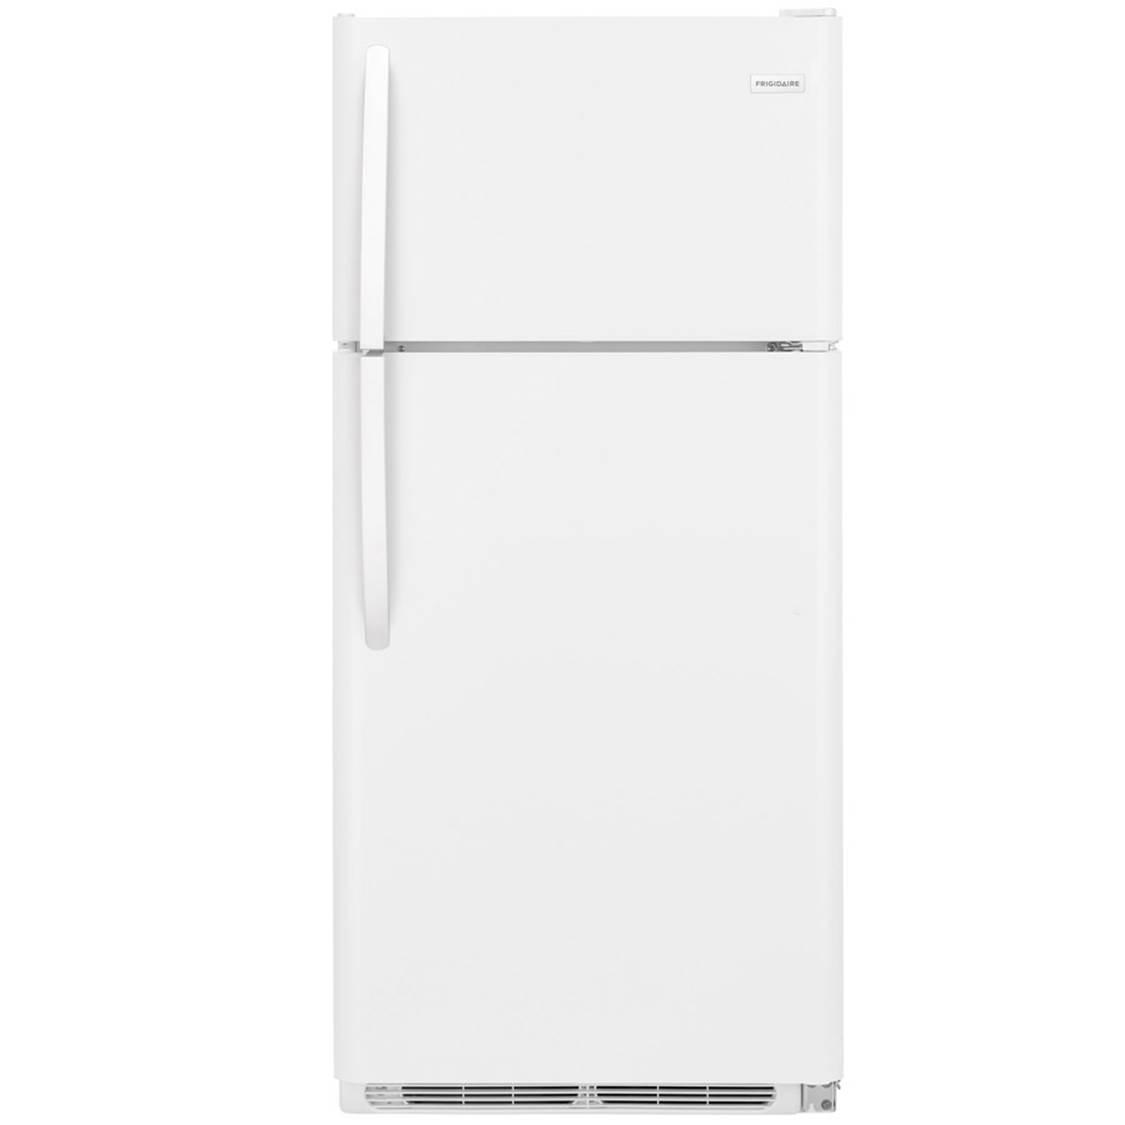 Frigidaire white 18 cu ft top mount – sku 7805F82 – Refrigerator